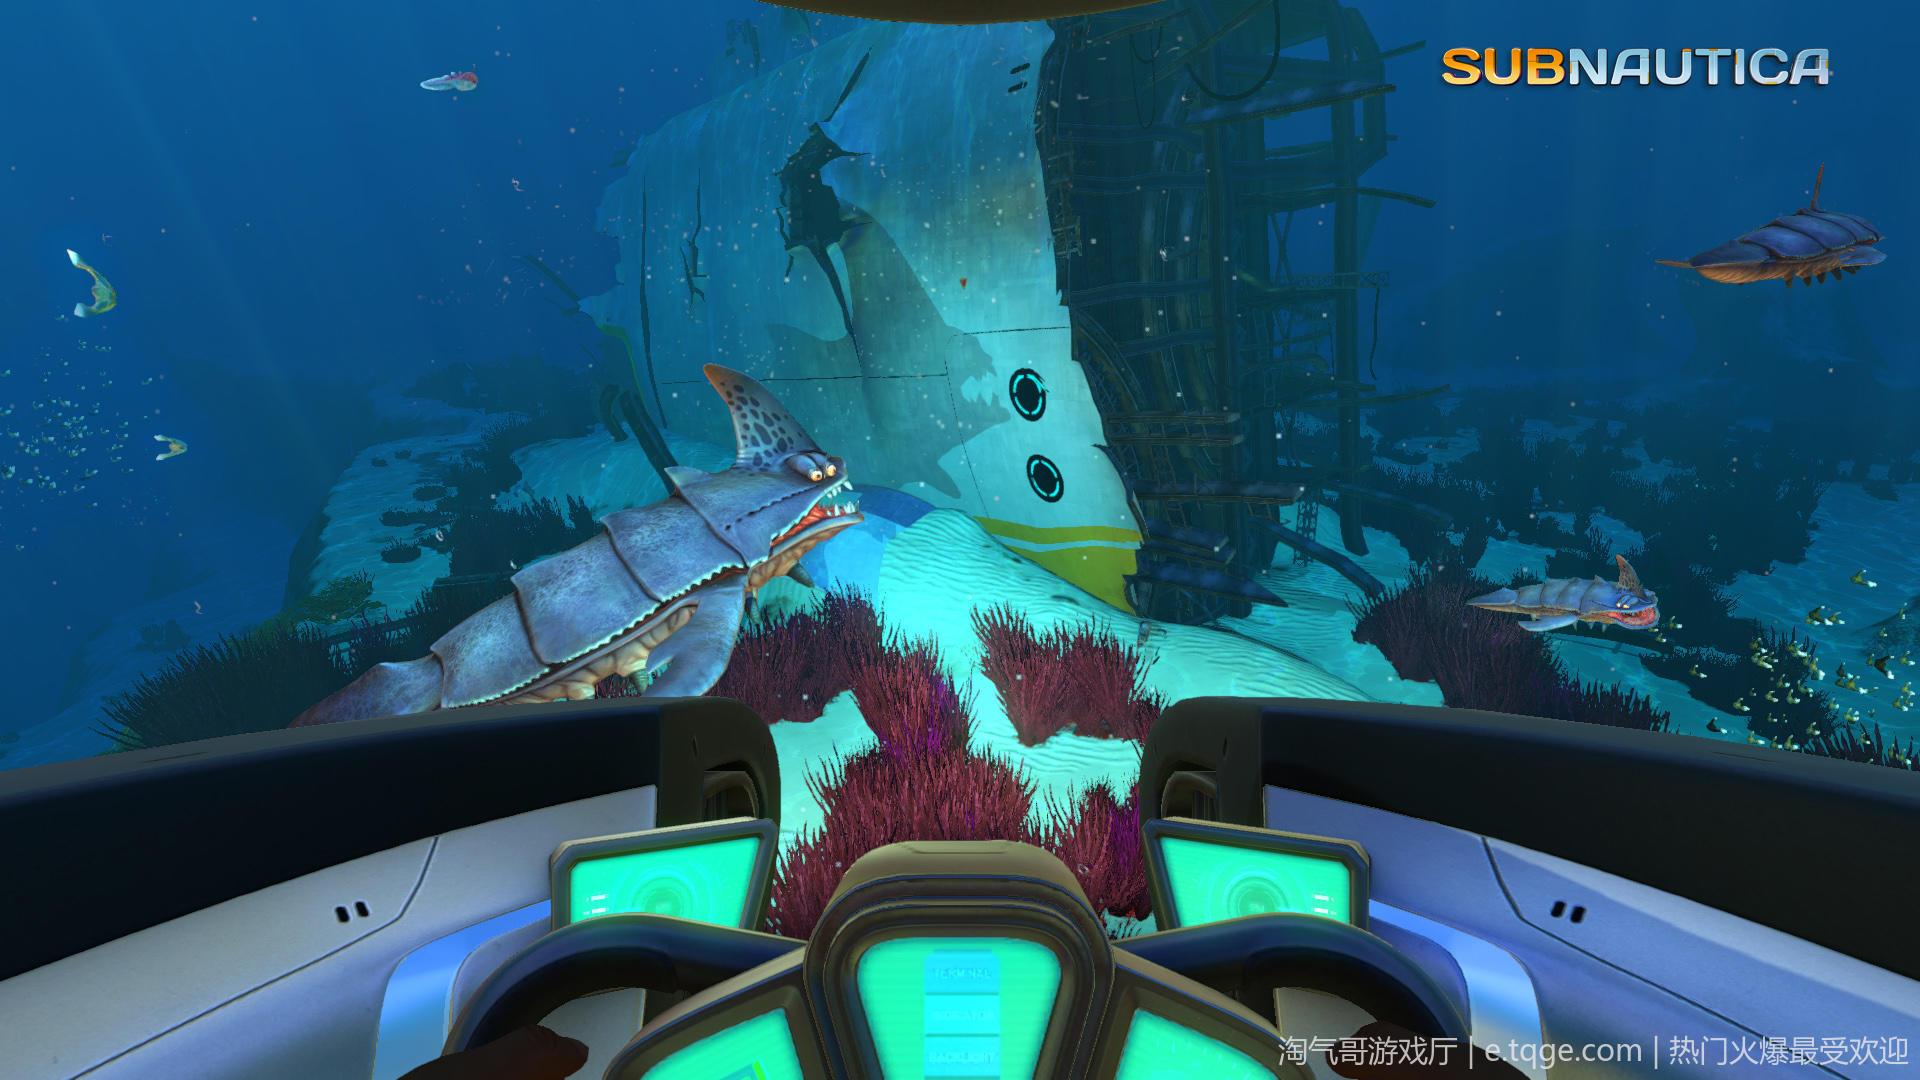 深海迷航/水下之旅/美丽水世界 动作冒险 第6张